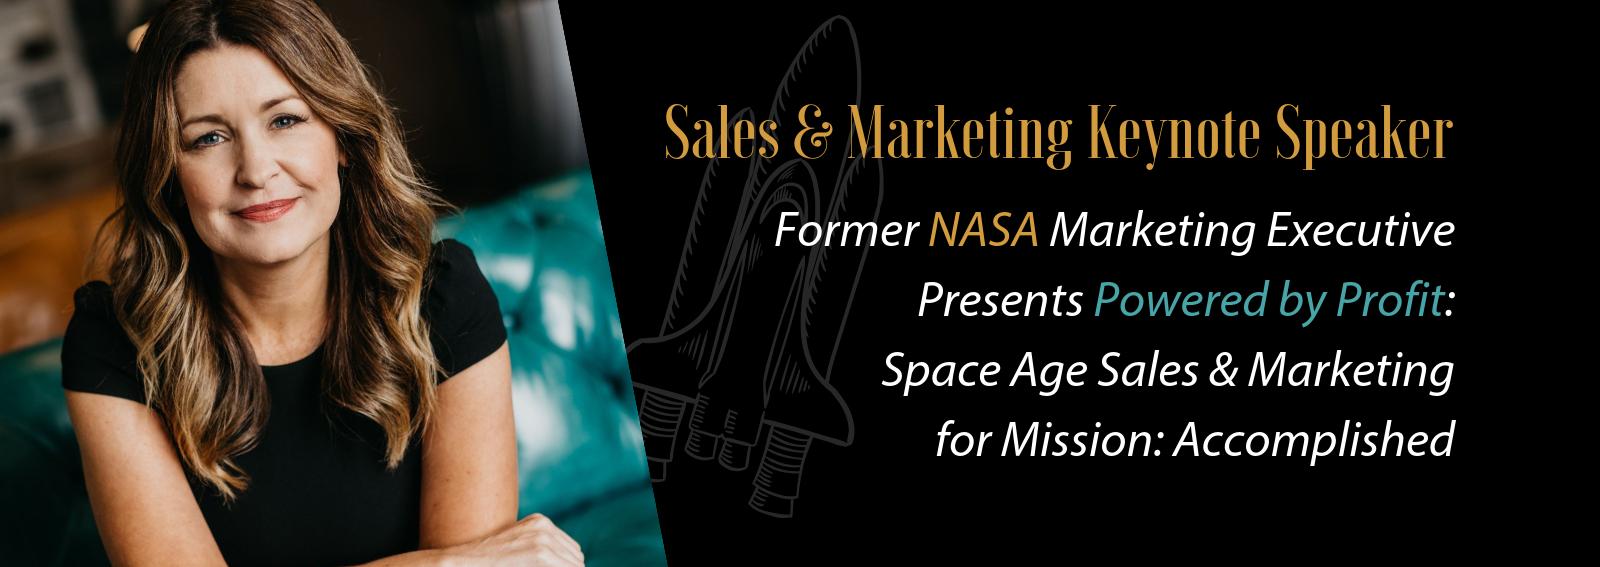 NASA speaker Jen DeVore